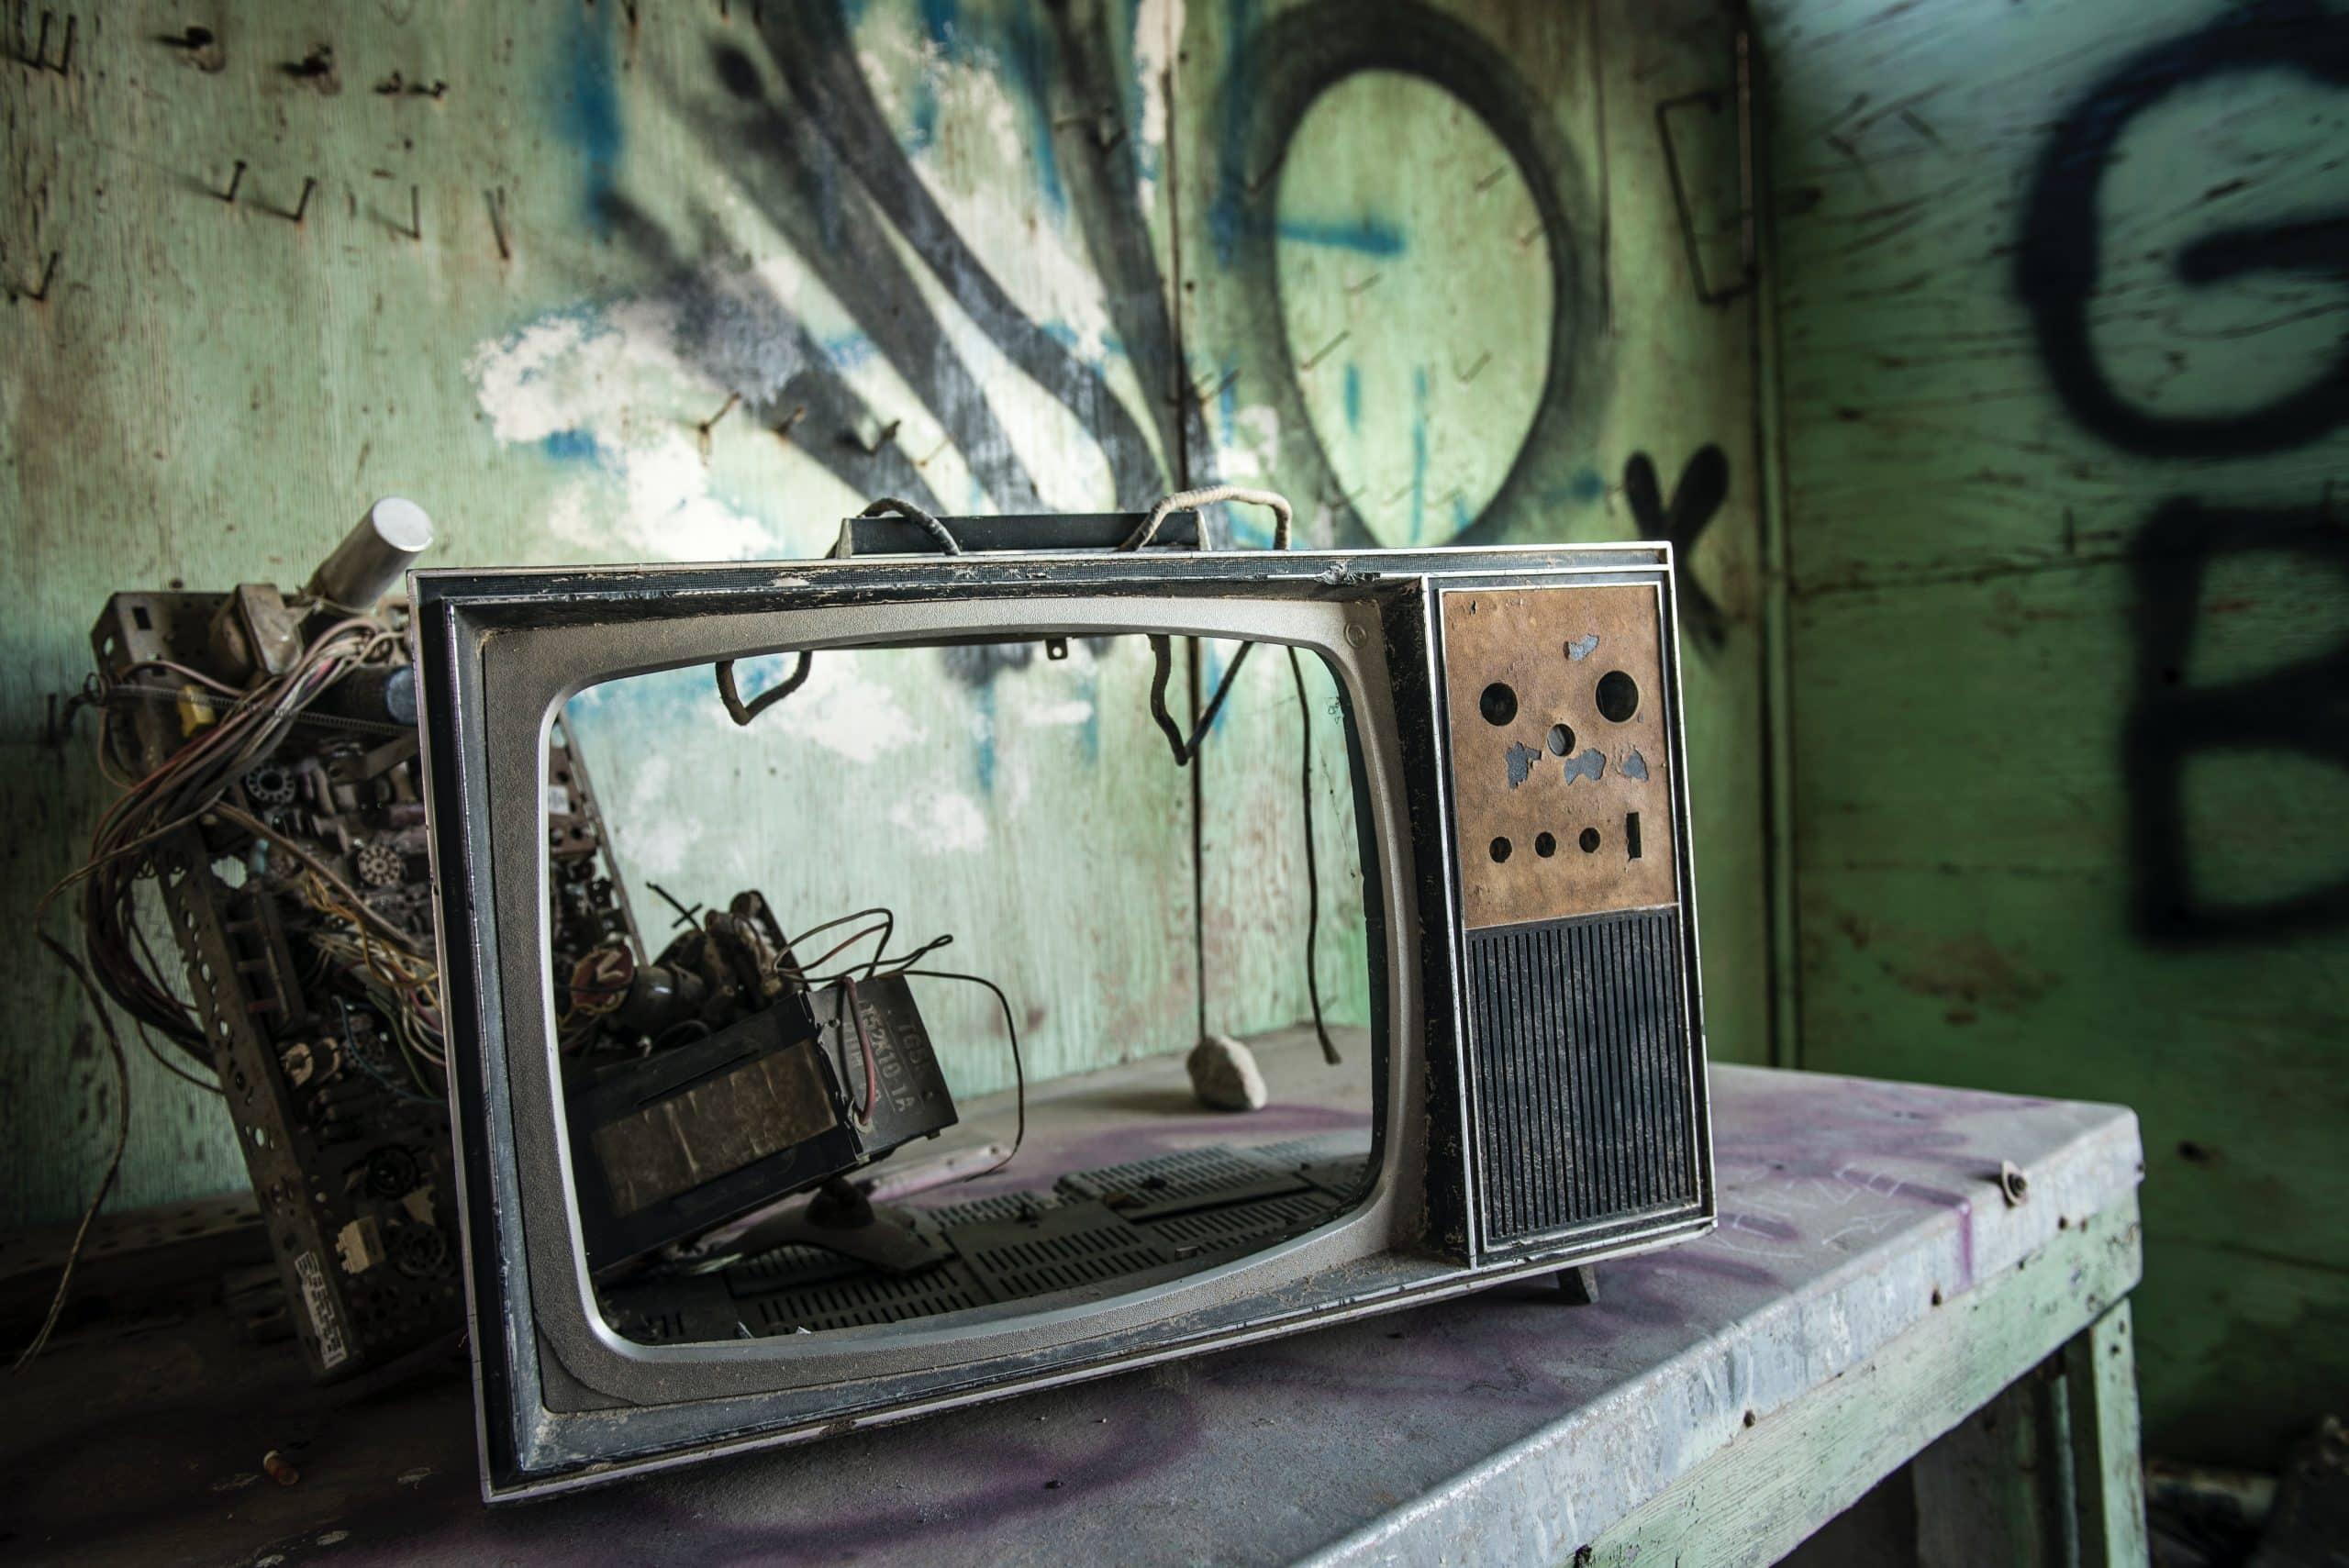 Photographie d'un écran de télévision en décomposition. Le recyclage des ordinateurs reste faible.